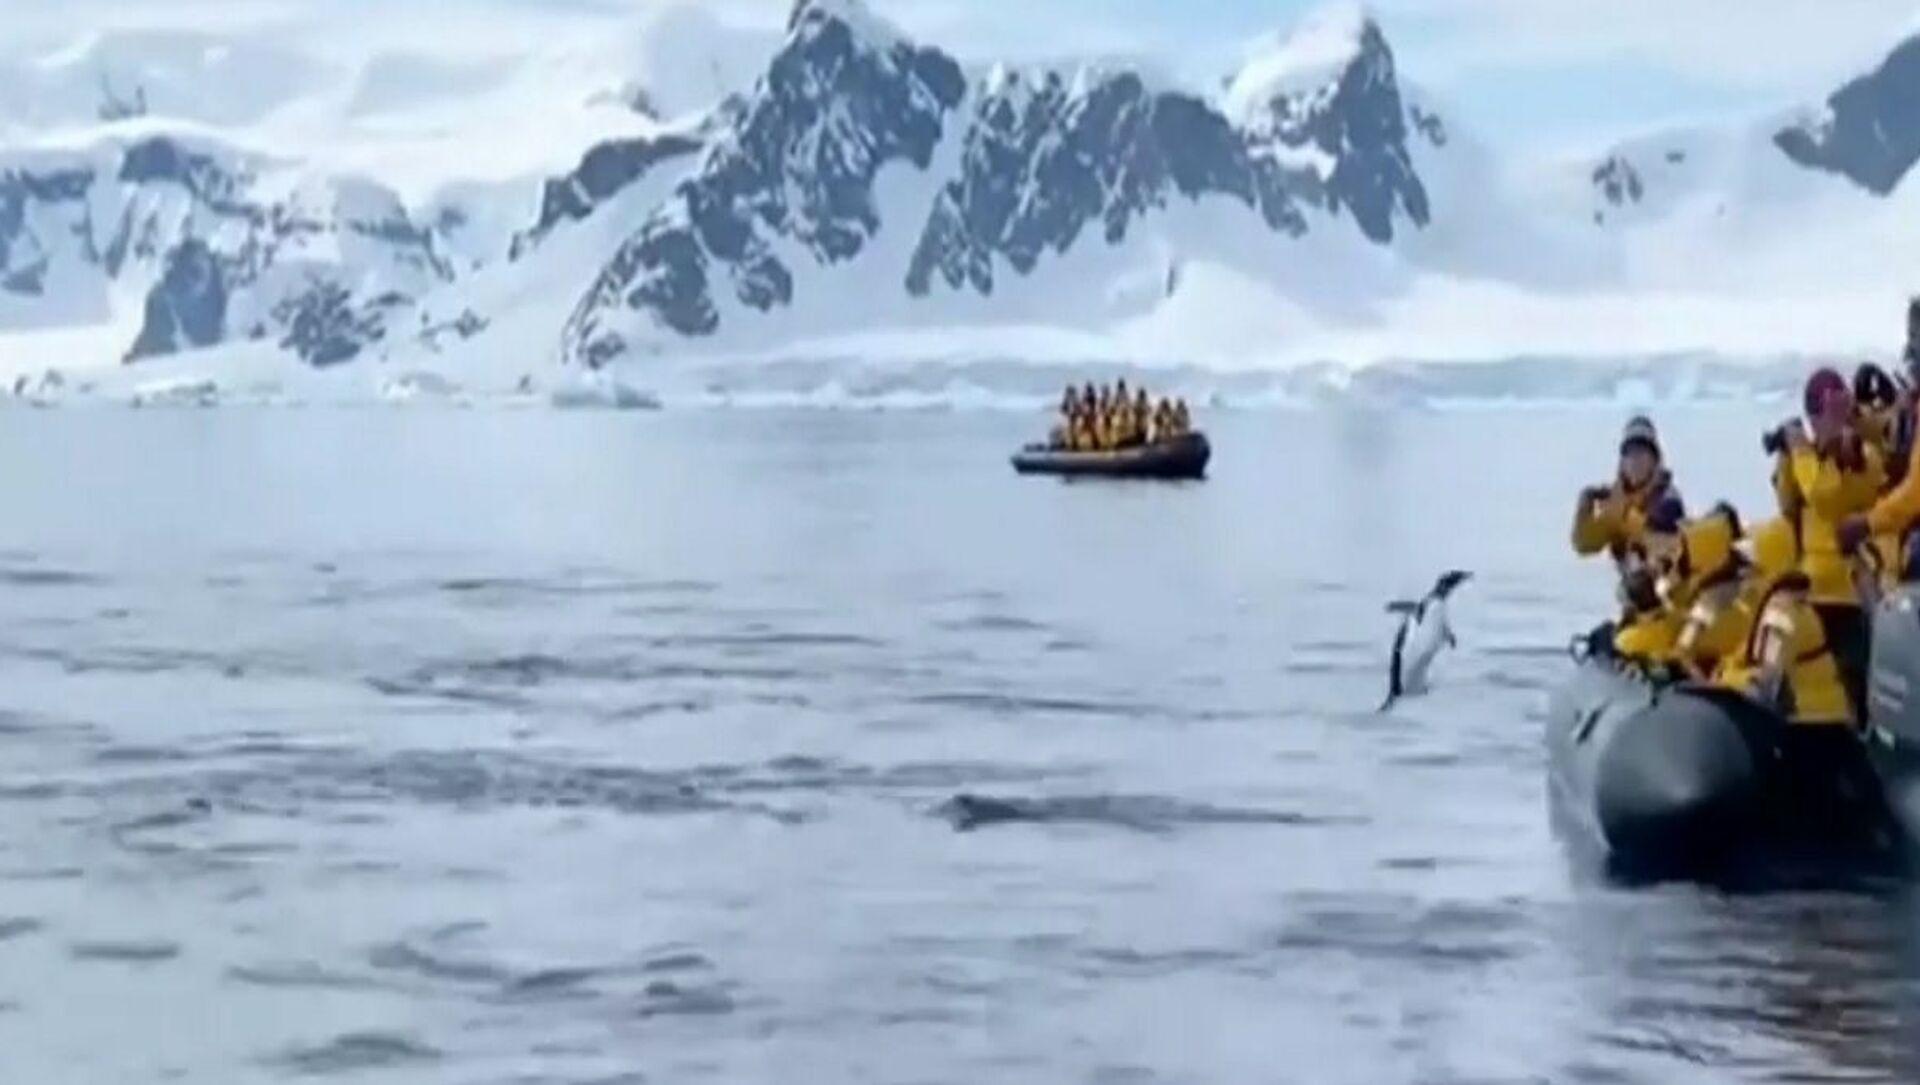 Il pinguino è saltato sulla barca - Sputnik Italia, 1920, 19.03.2021